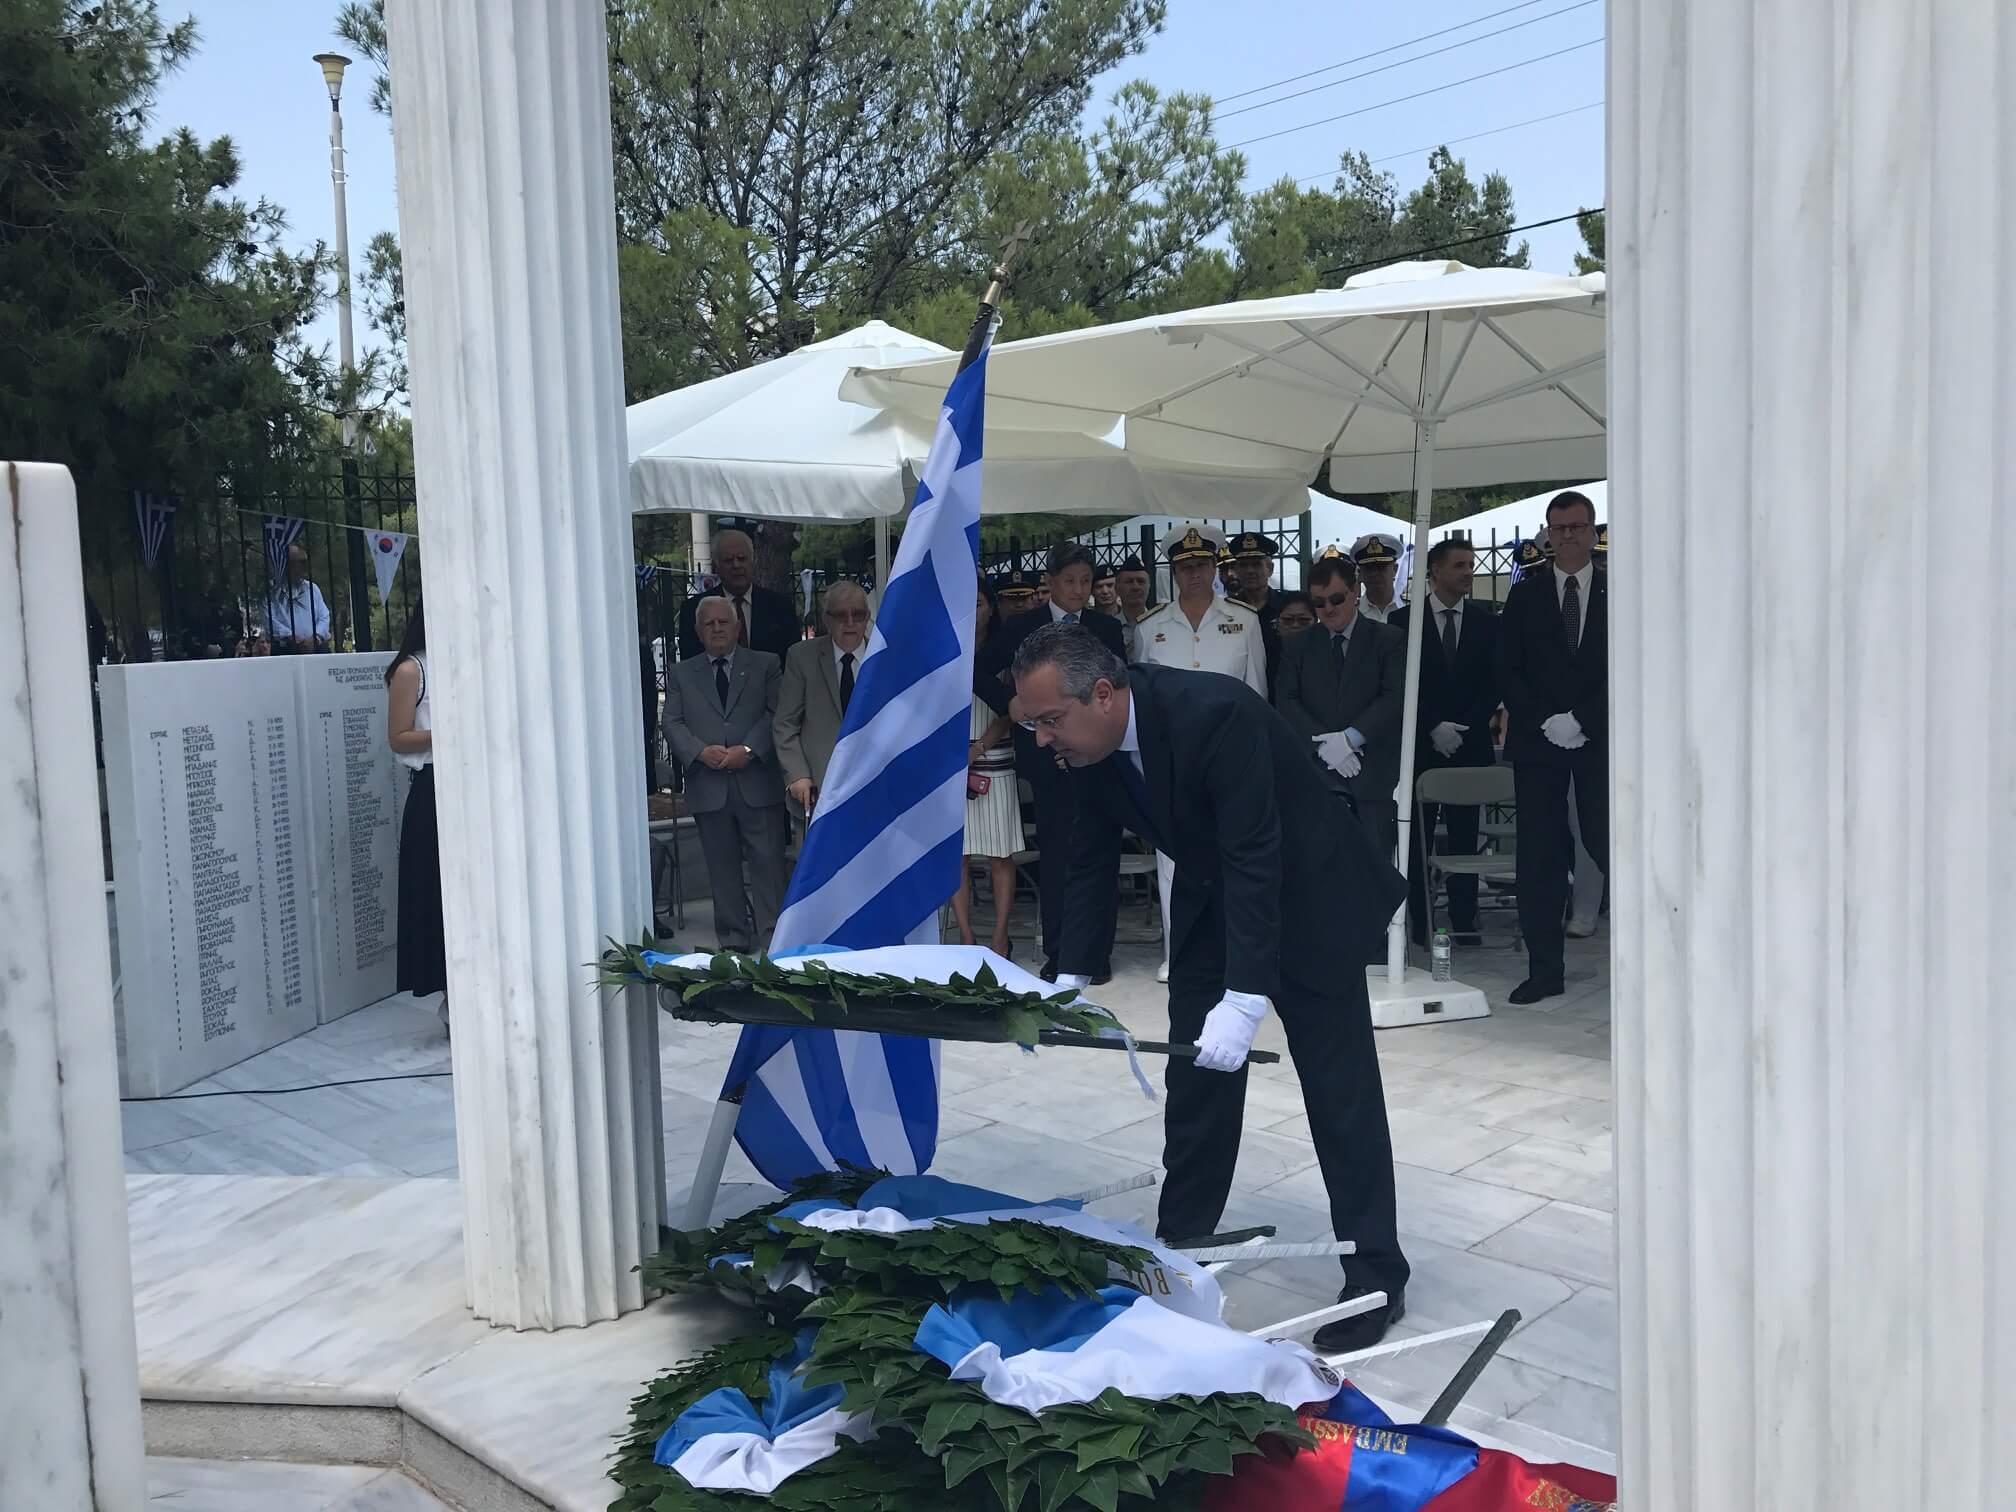 69η επέτειος Κορεατικού Πολέμου υπέρ των Ελλήνων Πεσόντων στην Κορέα